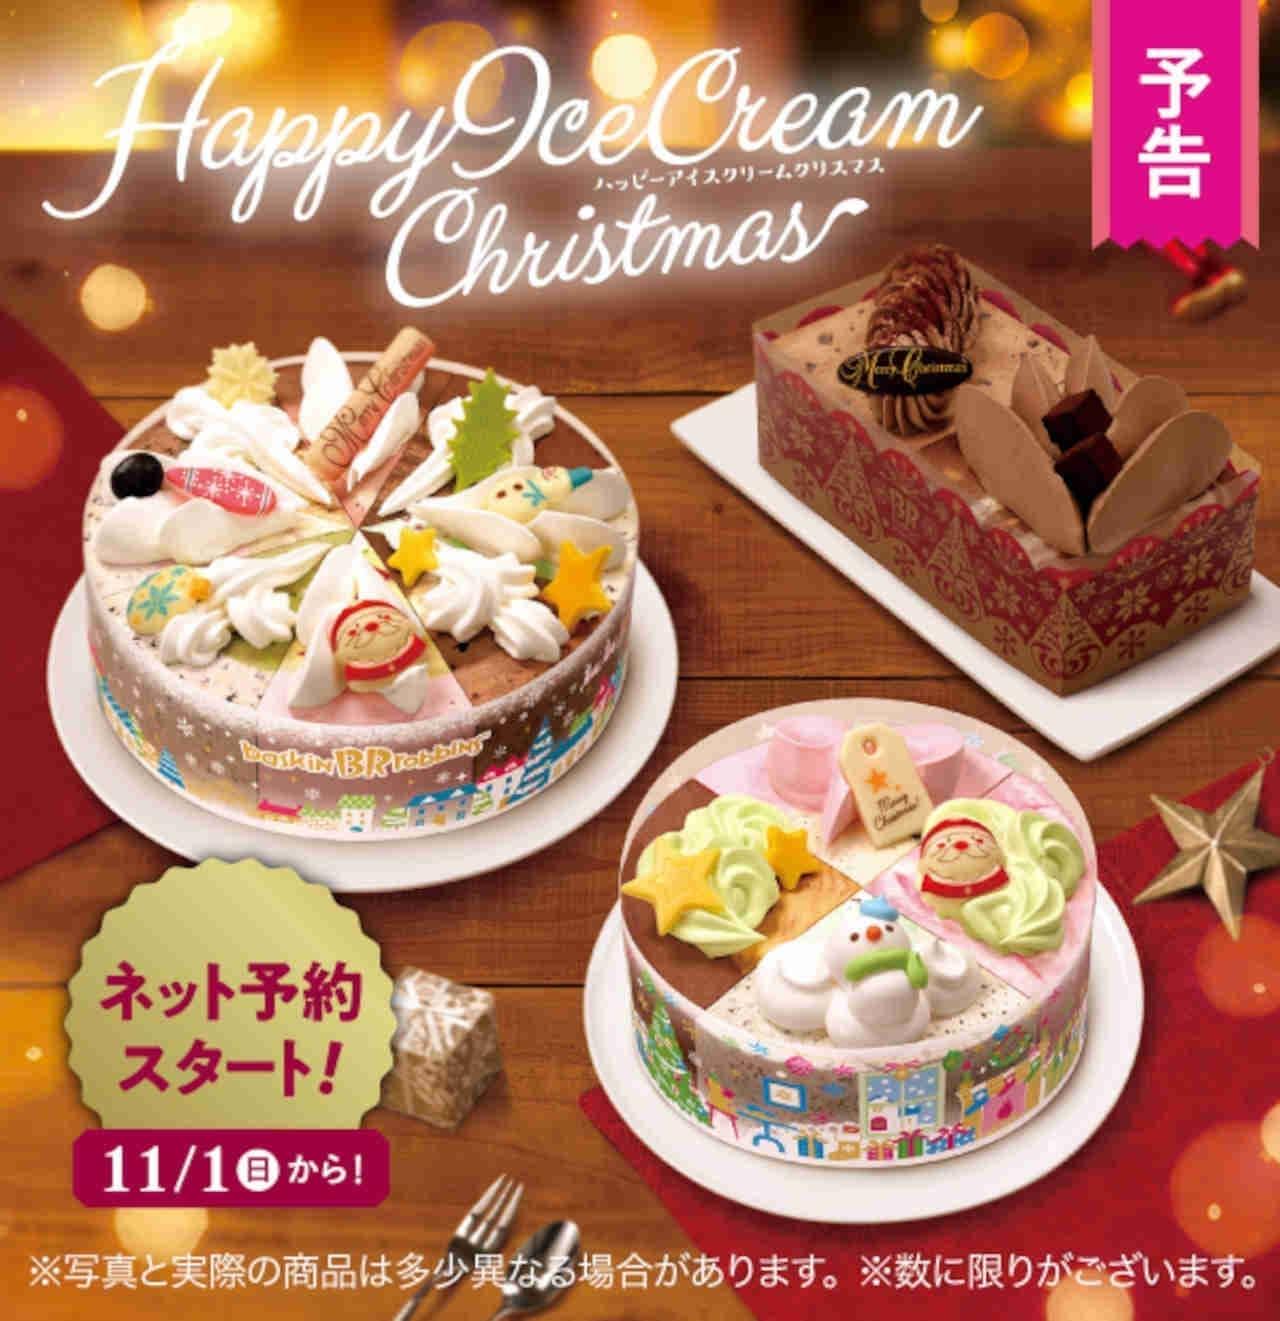 サーティワン アイスクリームのクリスマスケーキ